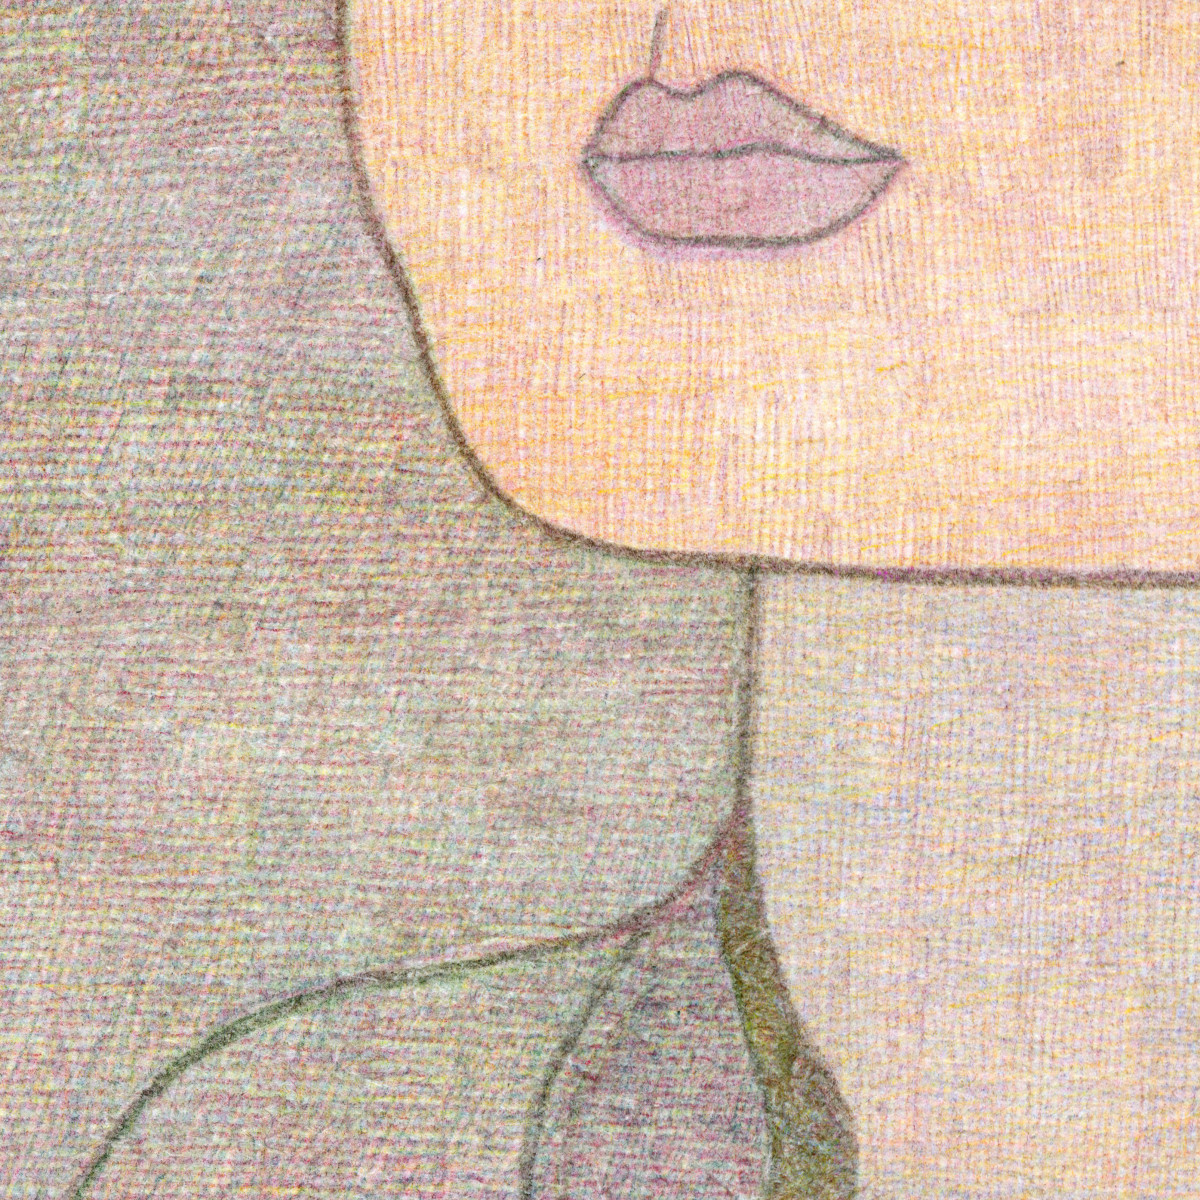 je_m_évapore_2009_detail